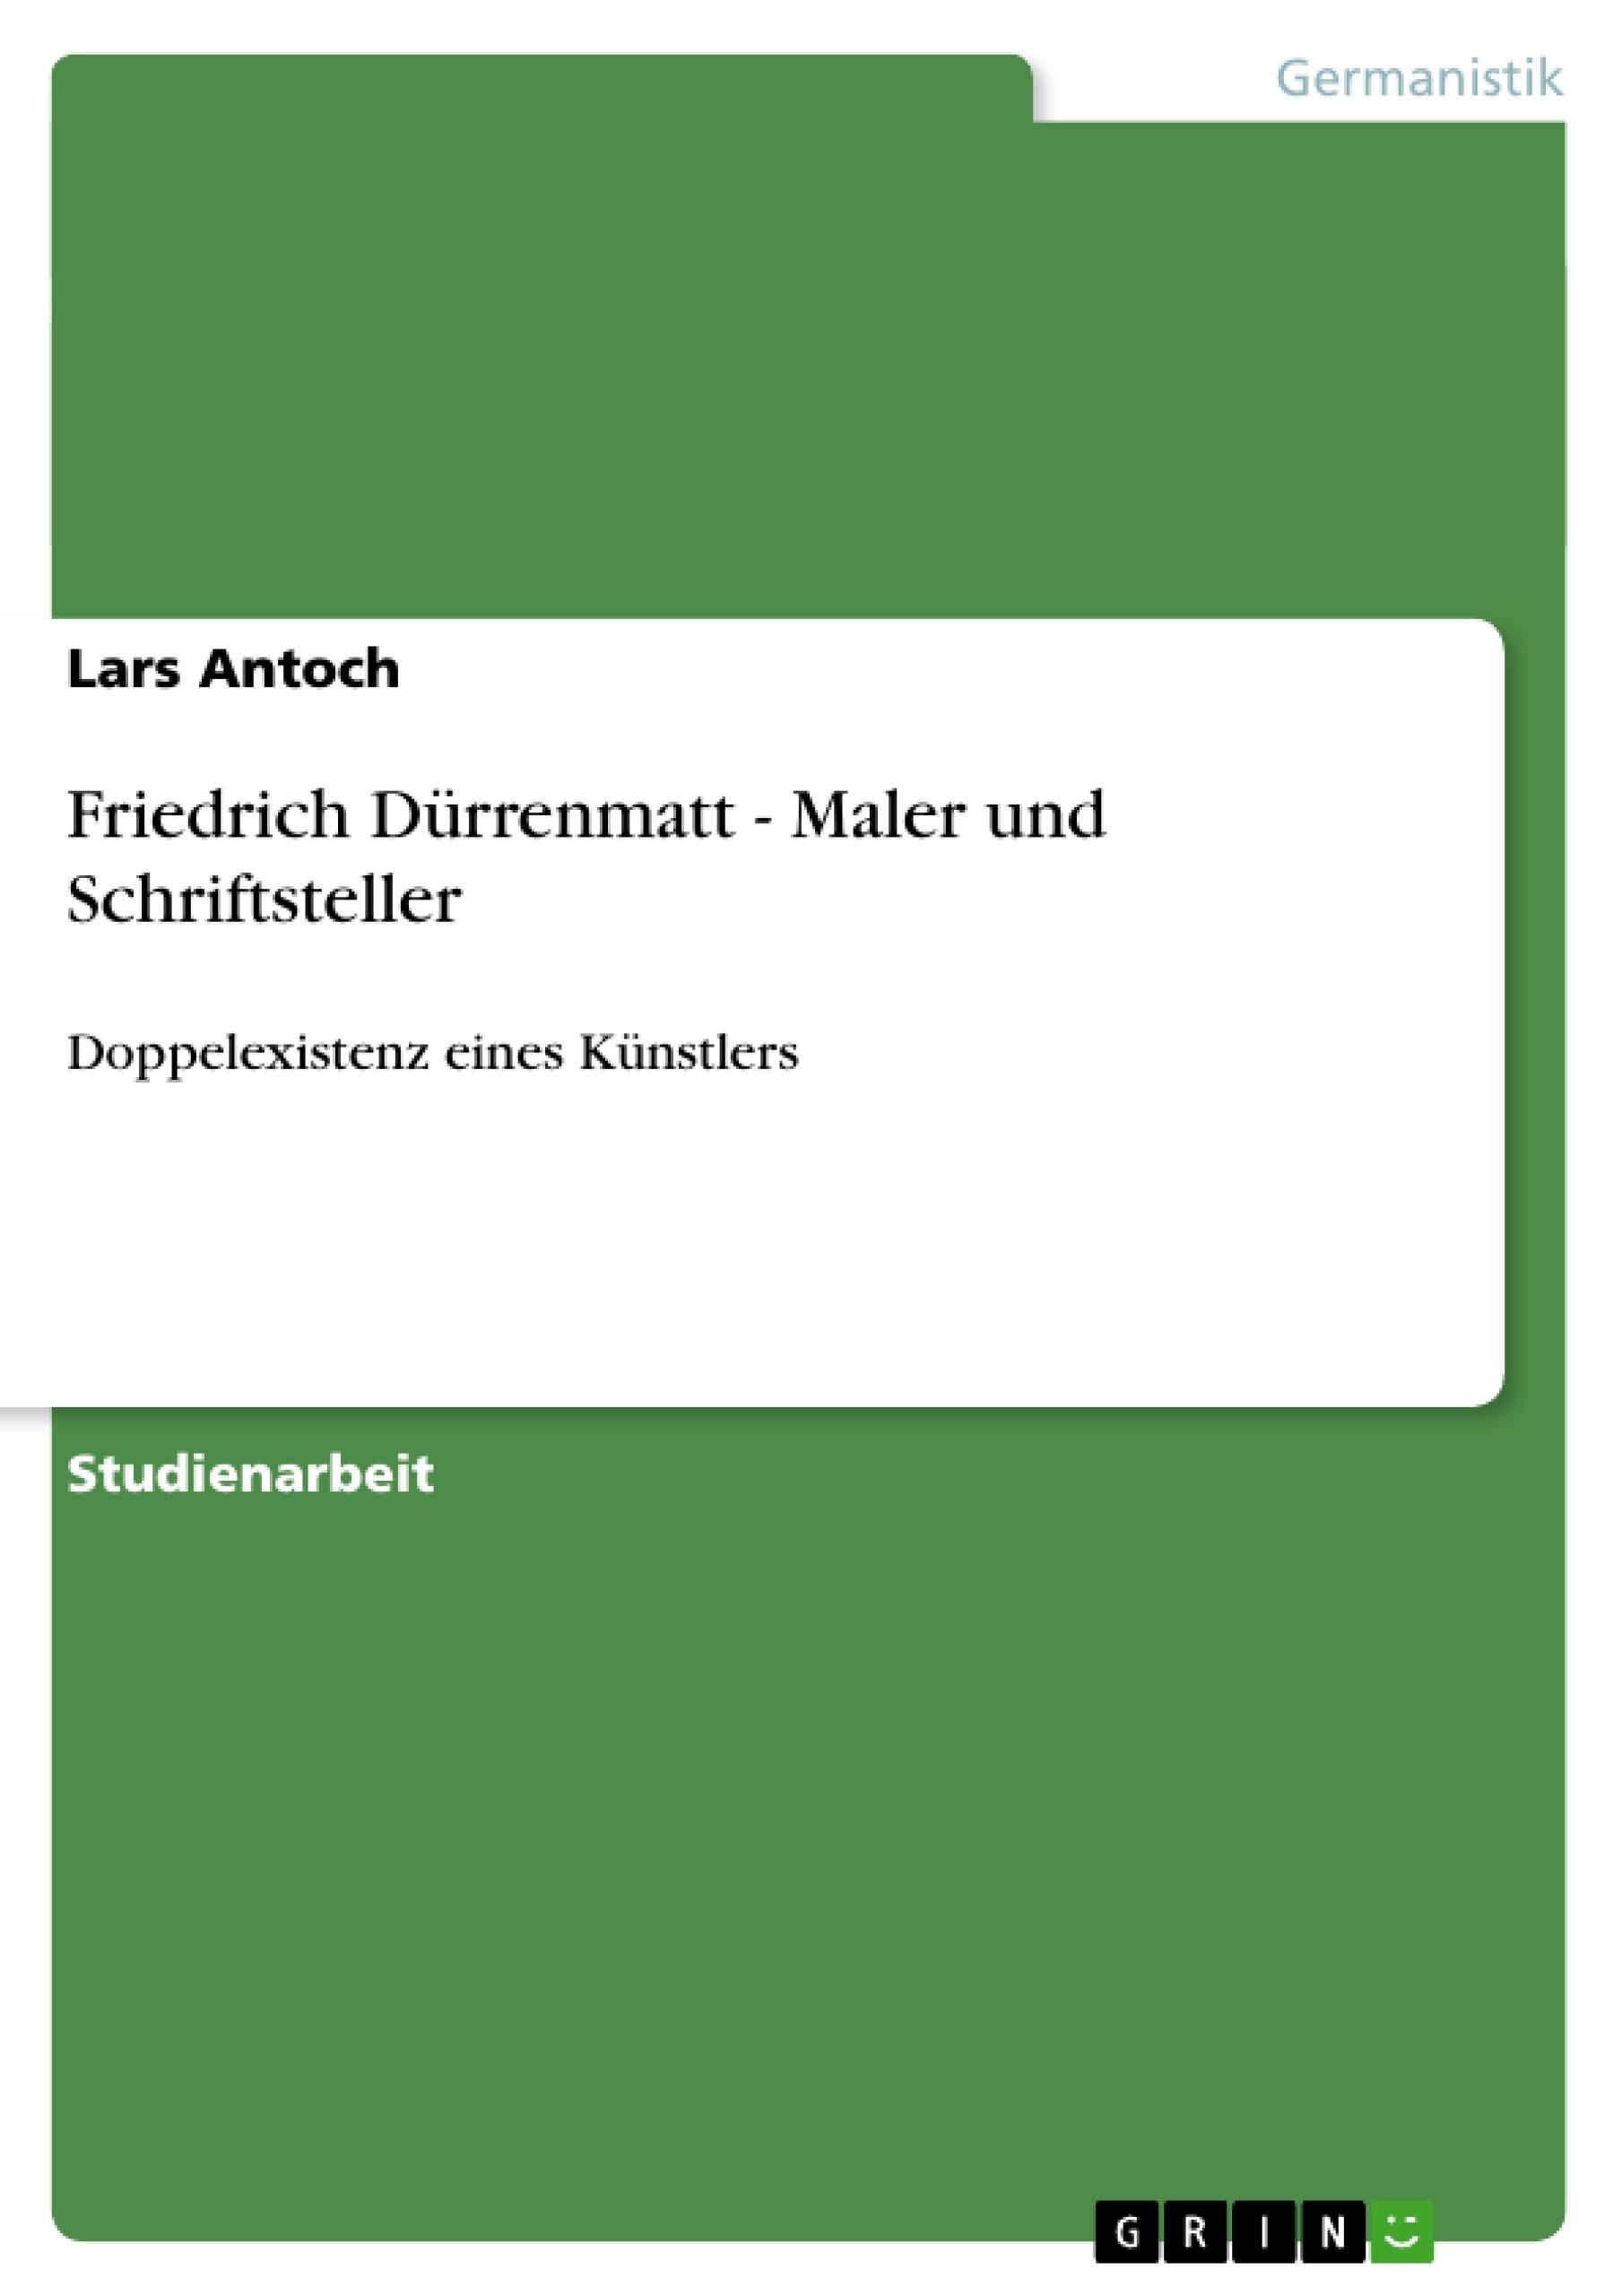 Titel: Friedrich Dürrenmatt - Maler und Schriftsteller